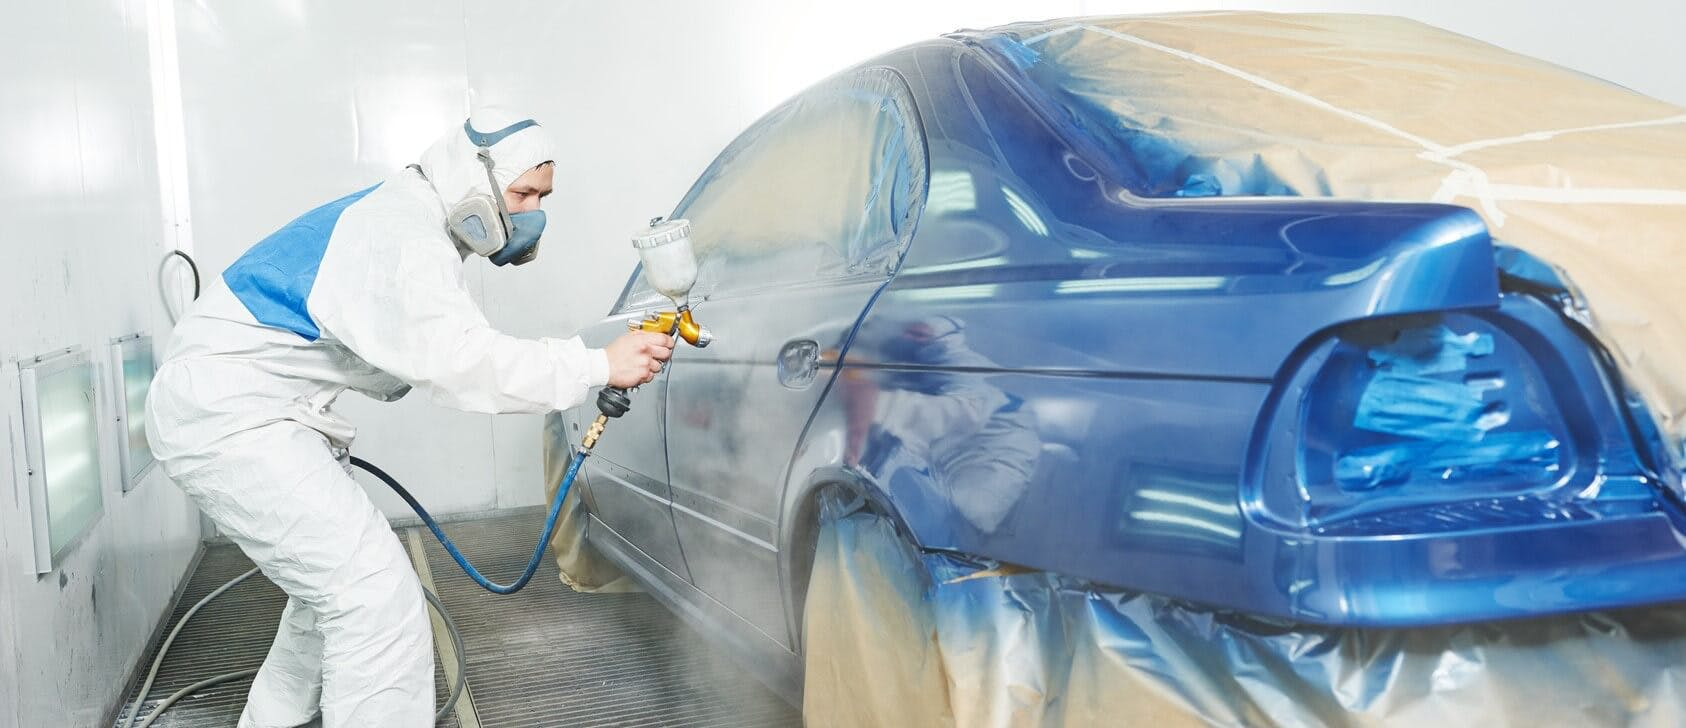 KESOTO Poign/ée de Porte Avant de Voiture Droite Divers poign/ées lat/érales pour VW T4 Transporteur Van Bus Porte r/éparation Fix Composants